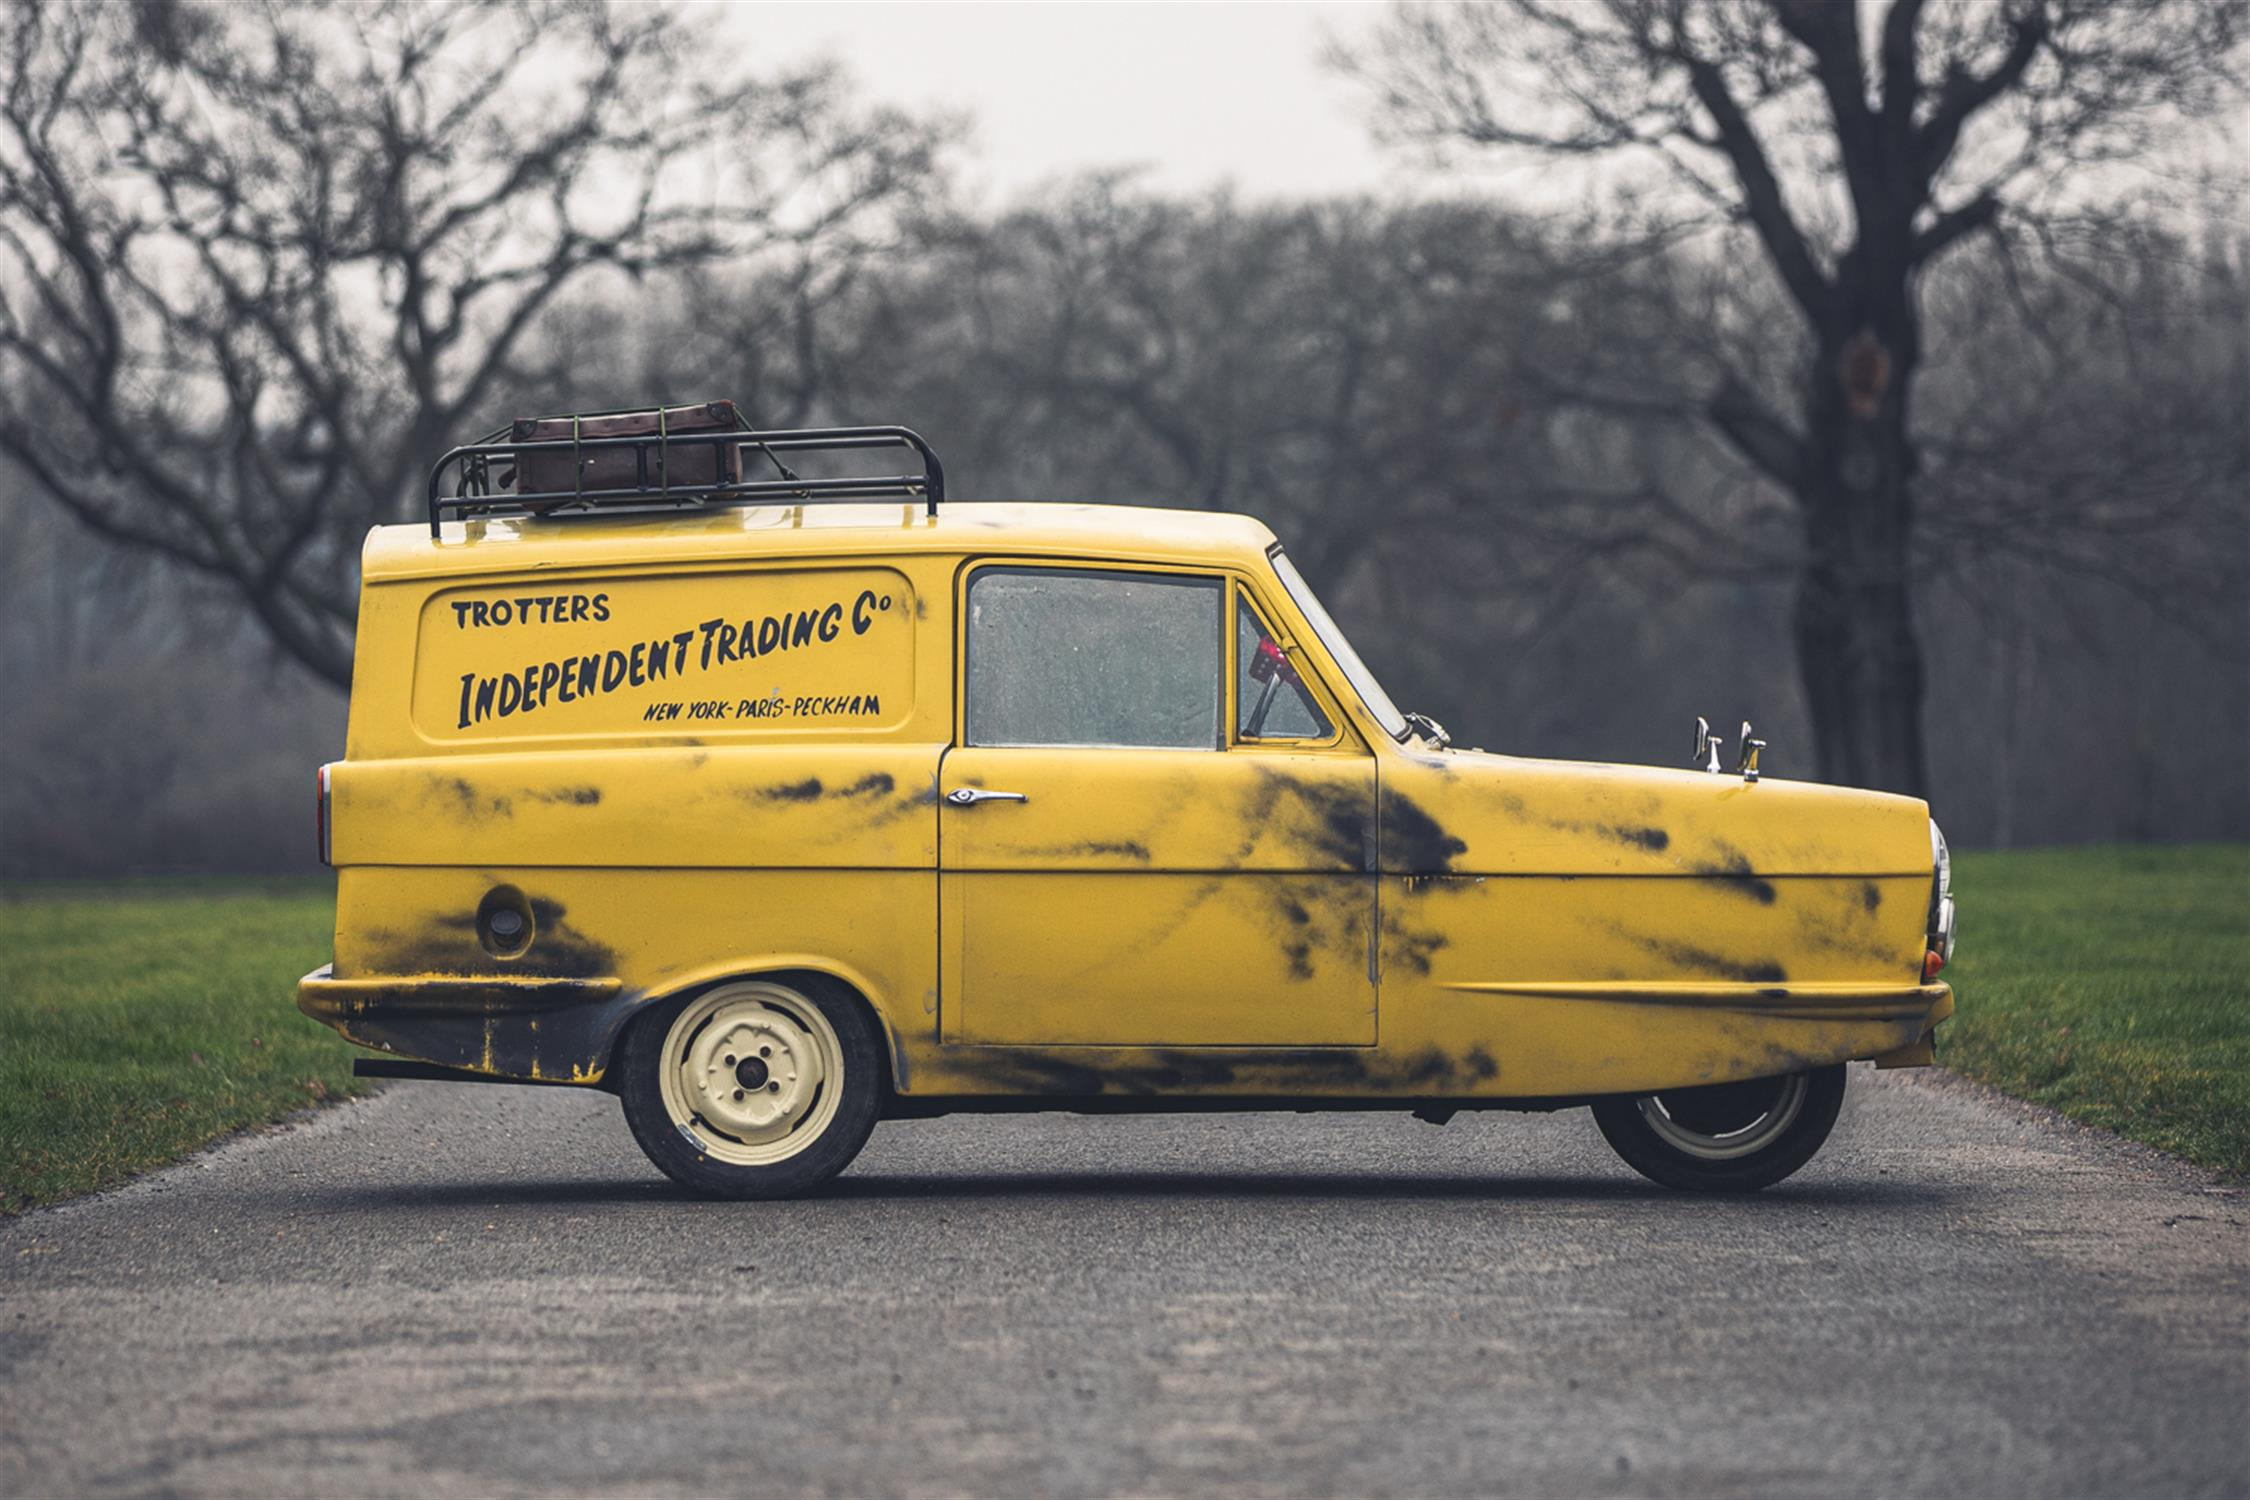 1972 Reliant Regal Supervan III (Trotters Independent Trading Van) - Image 7 of 10